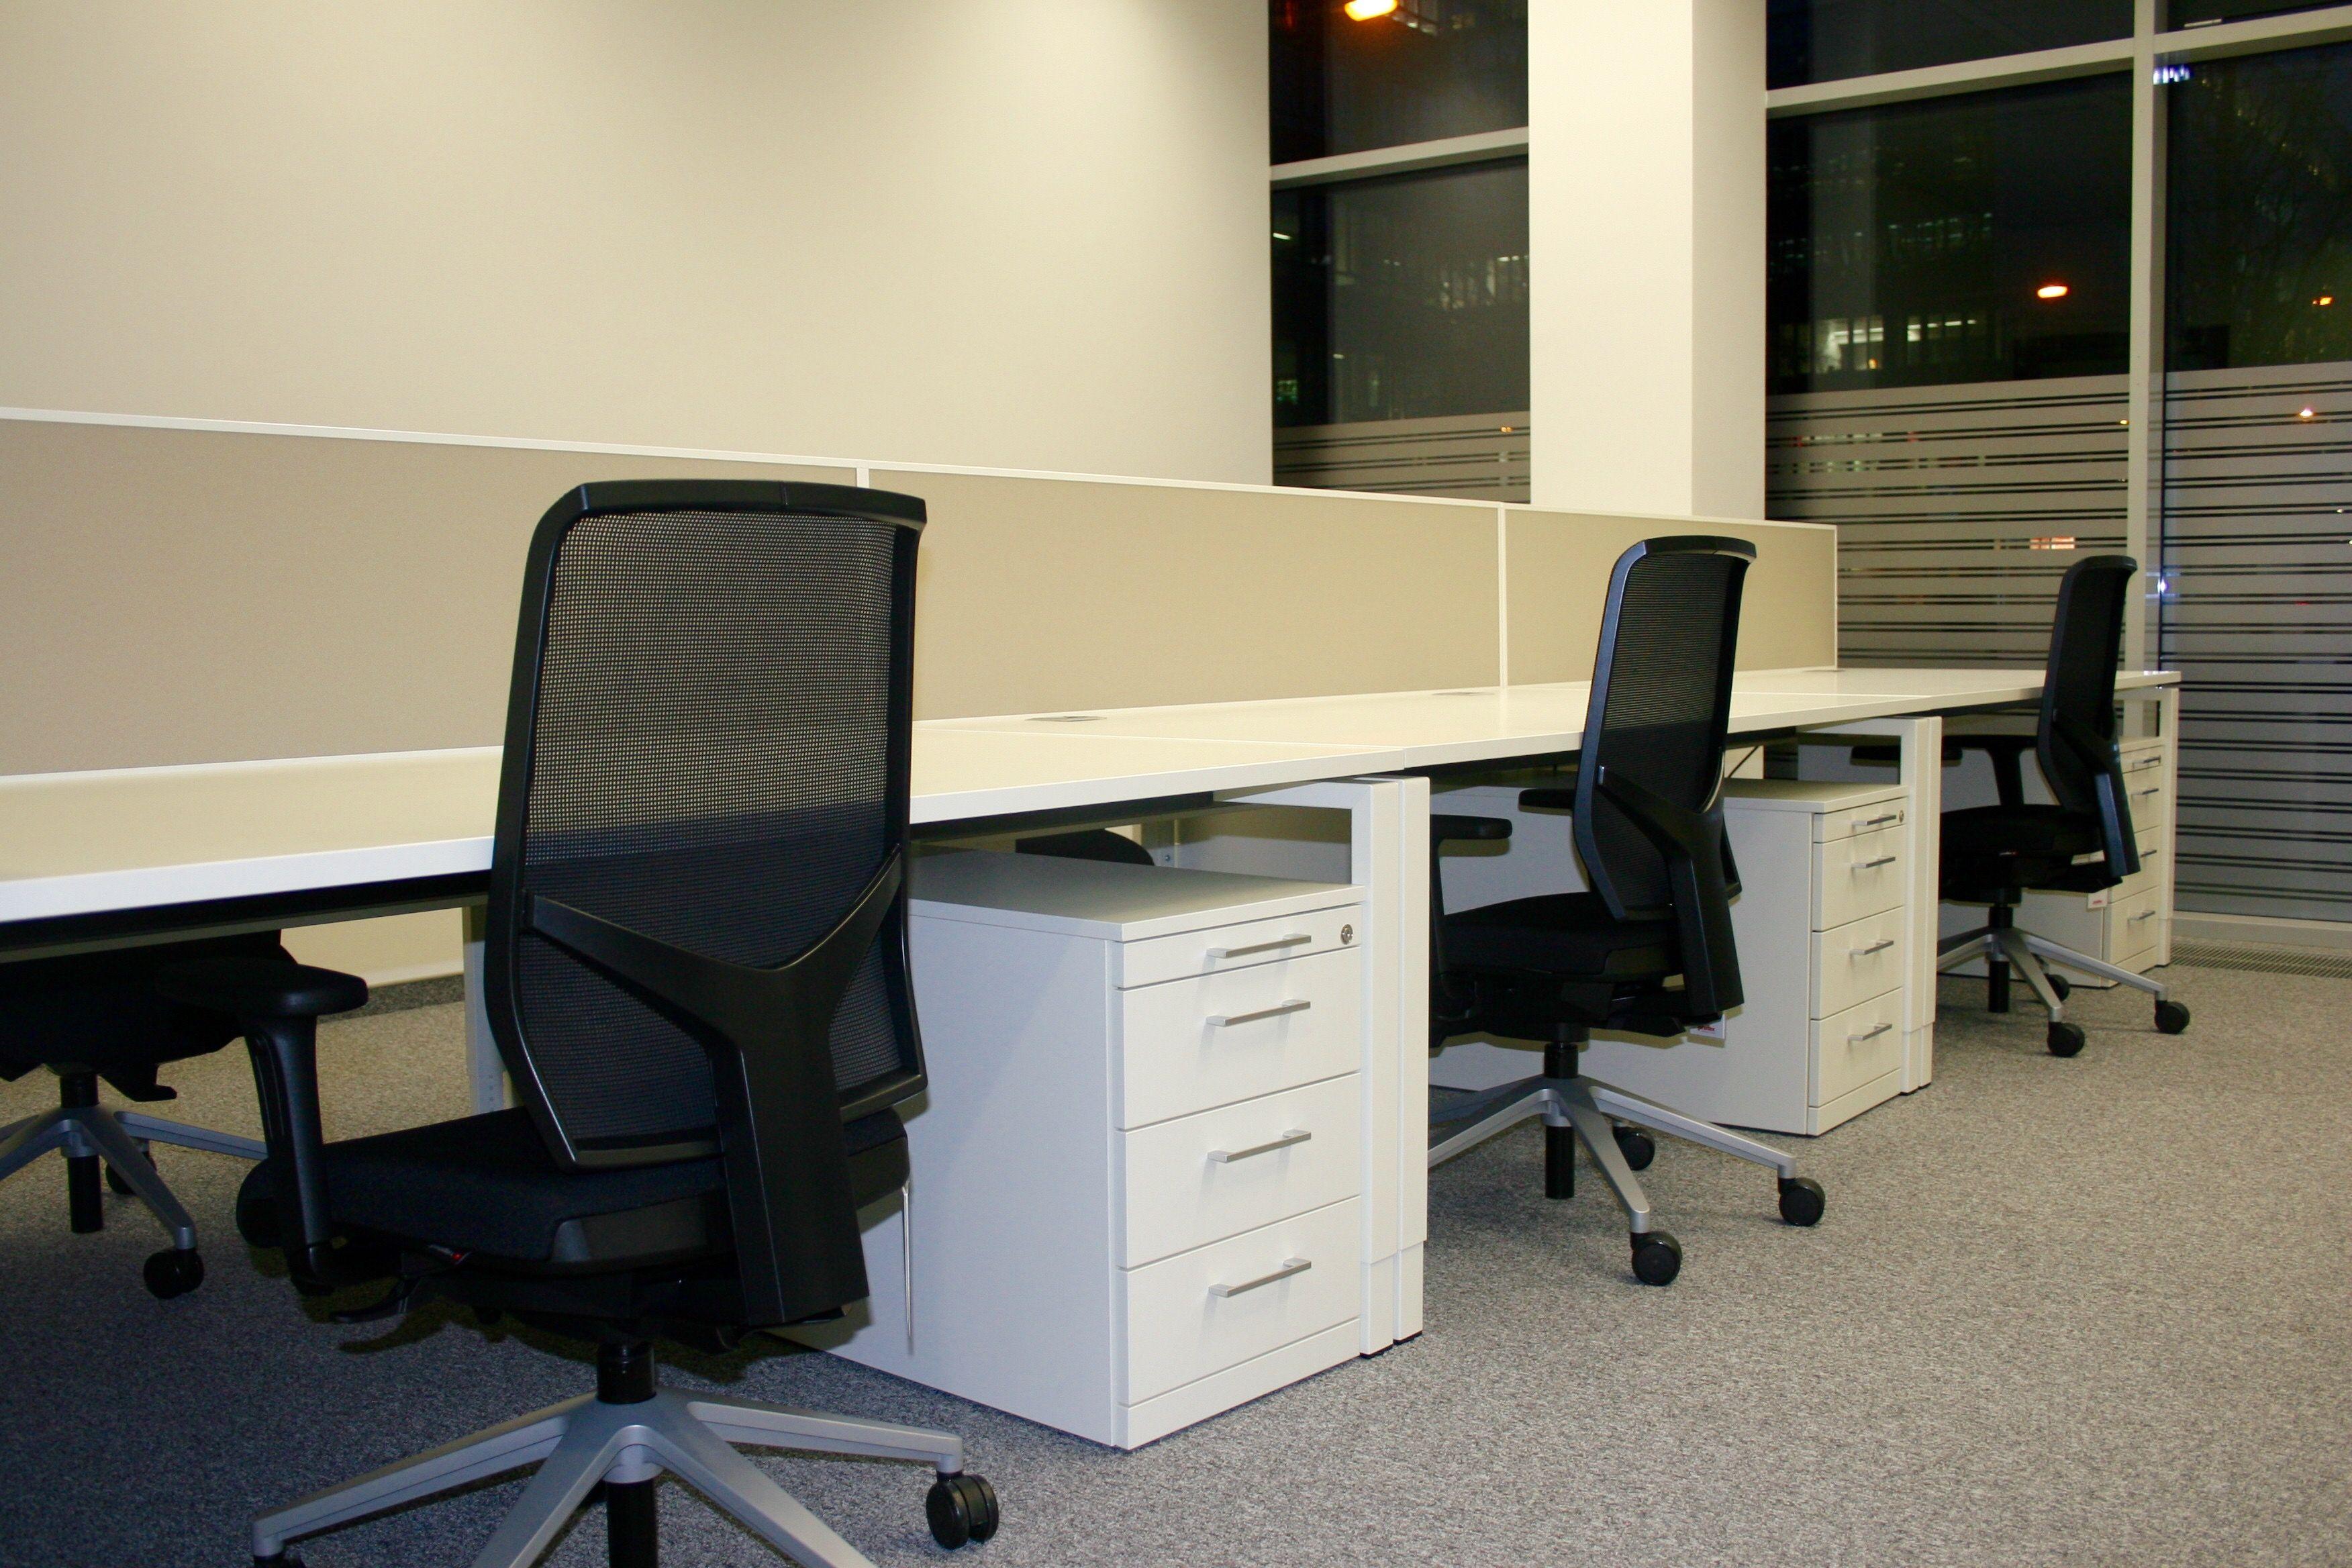 Großraumbüro by kühnle\'waiko #office #furniture #workspace #interior ...